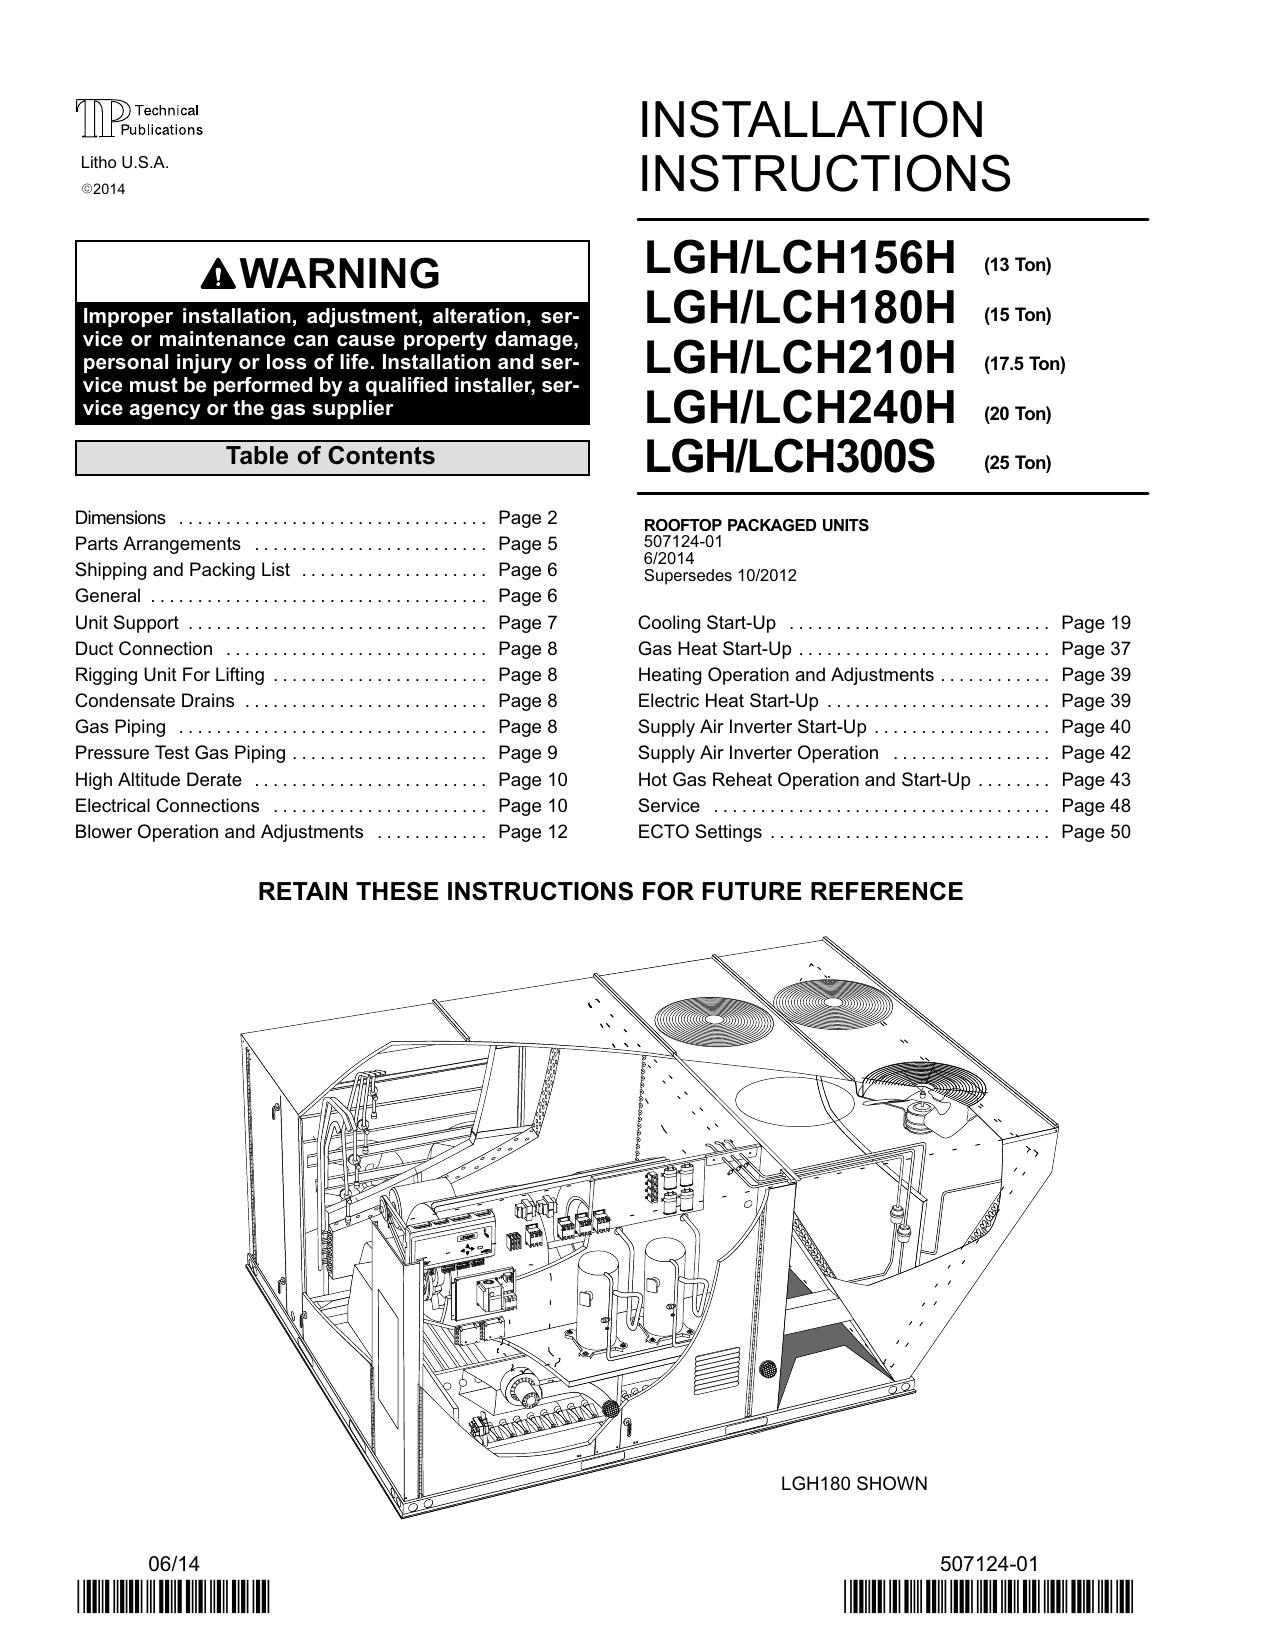 lennox air conditioner wiring diagram lennox lgh 156   240 iom pdf circlermechanical com manualzz  lennox lgh 156   240 iom pdf